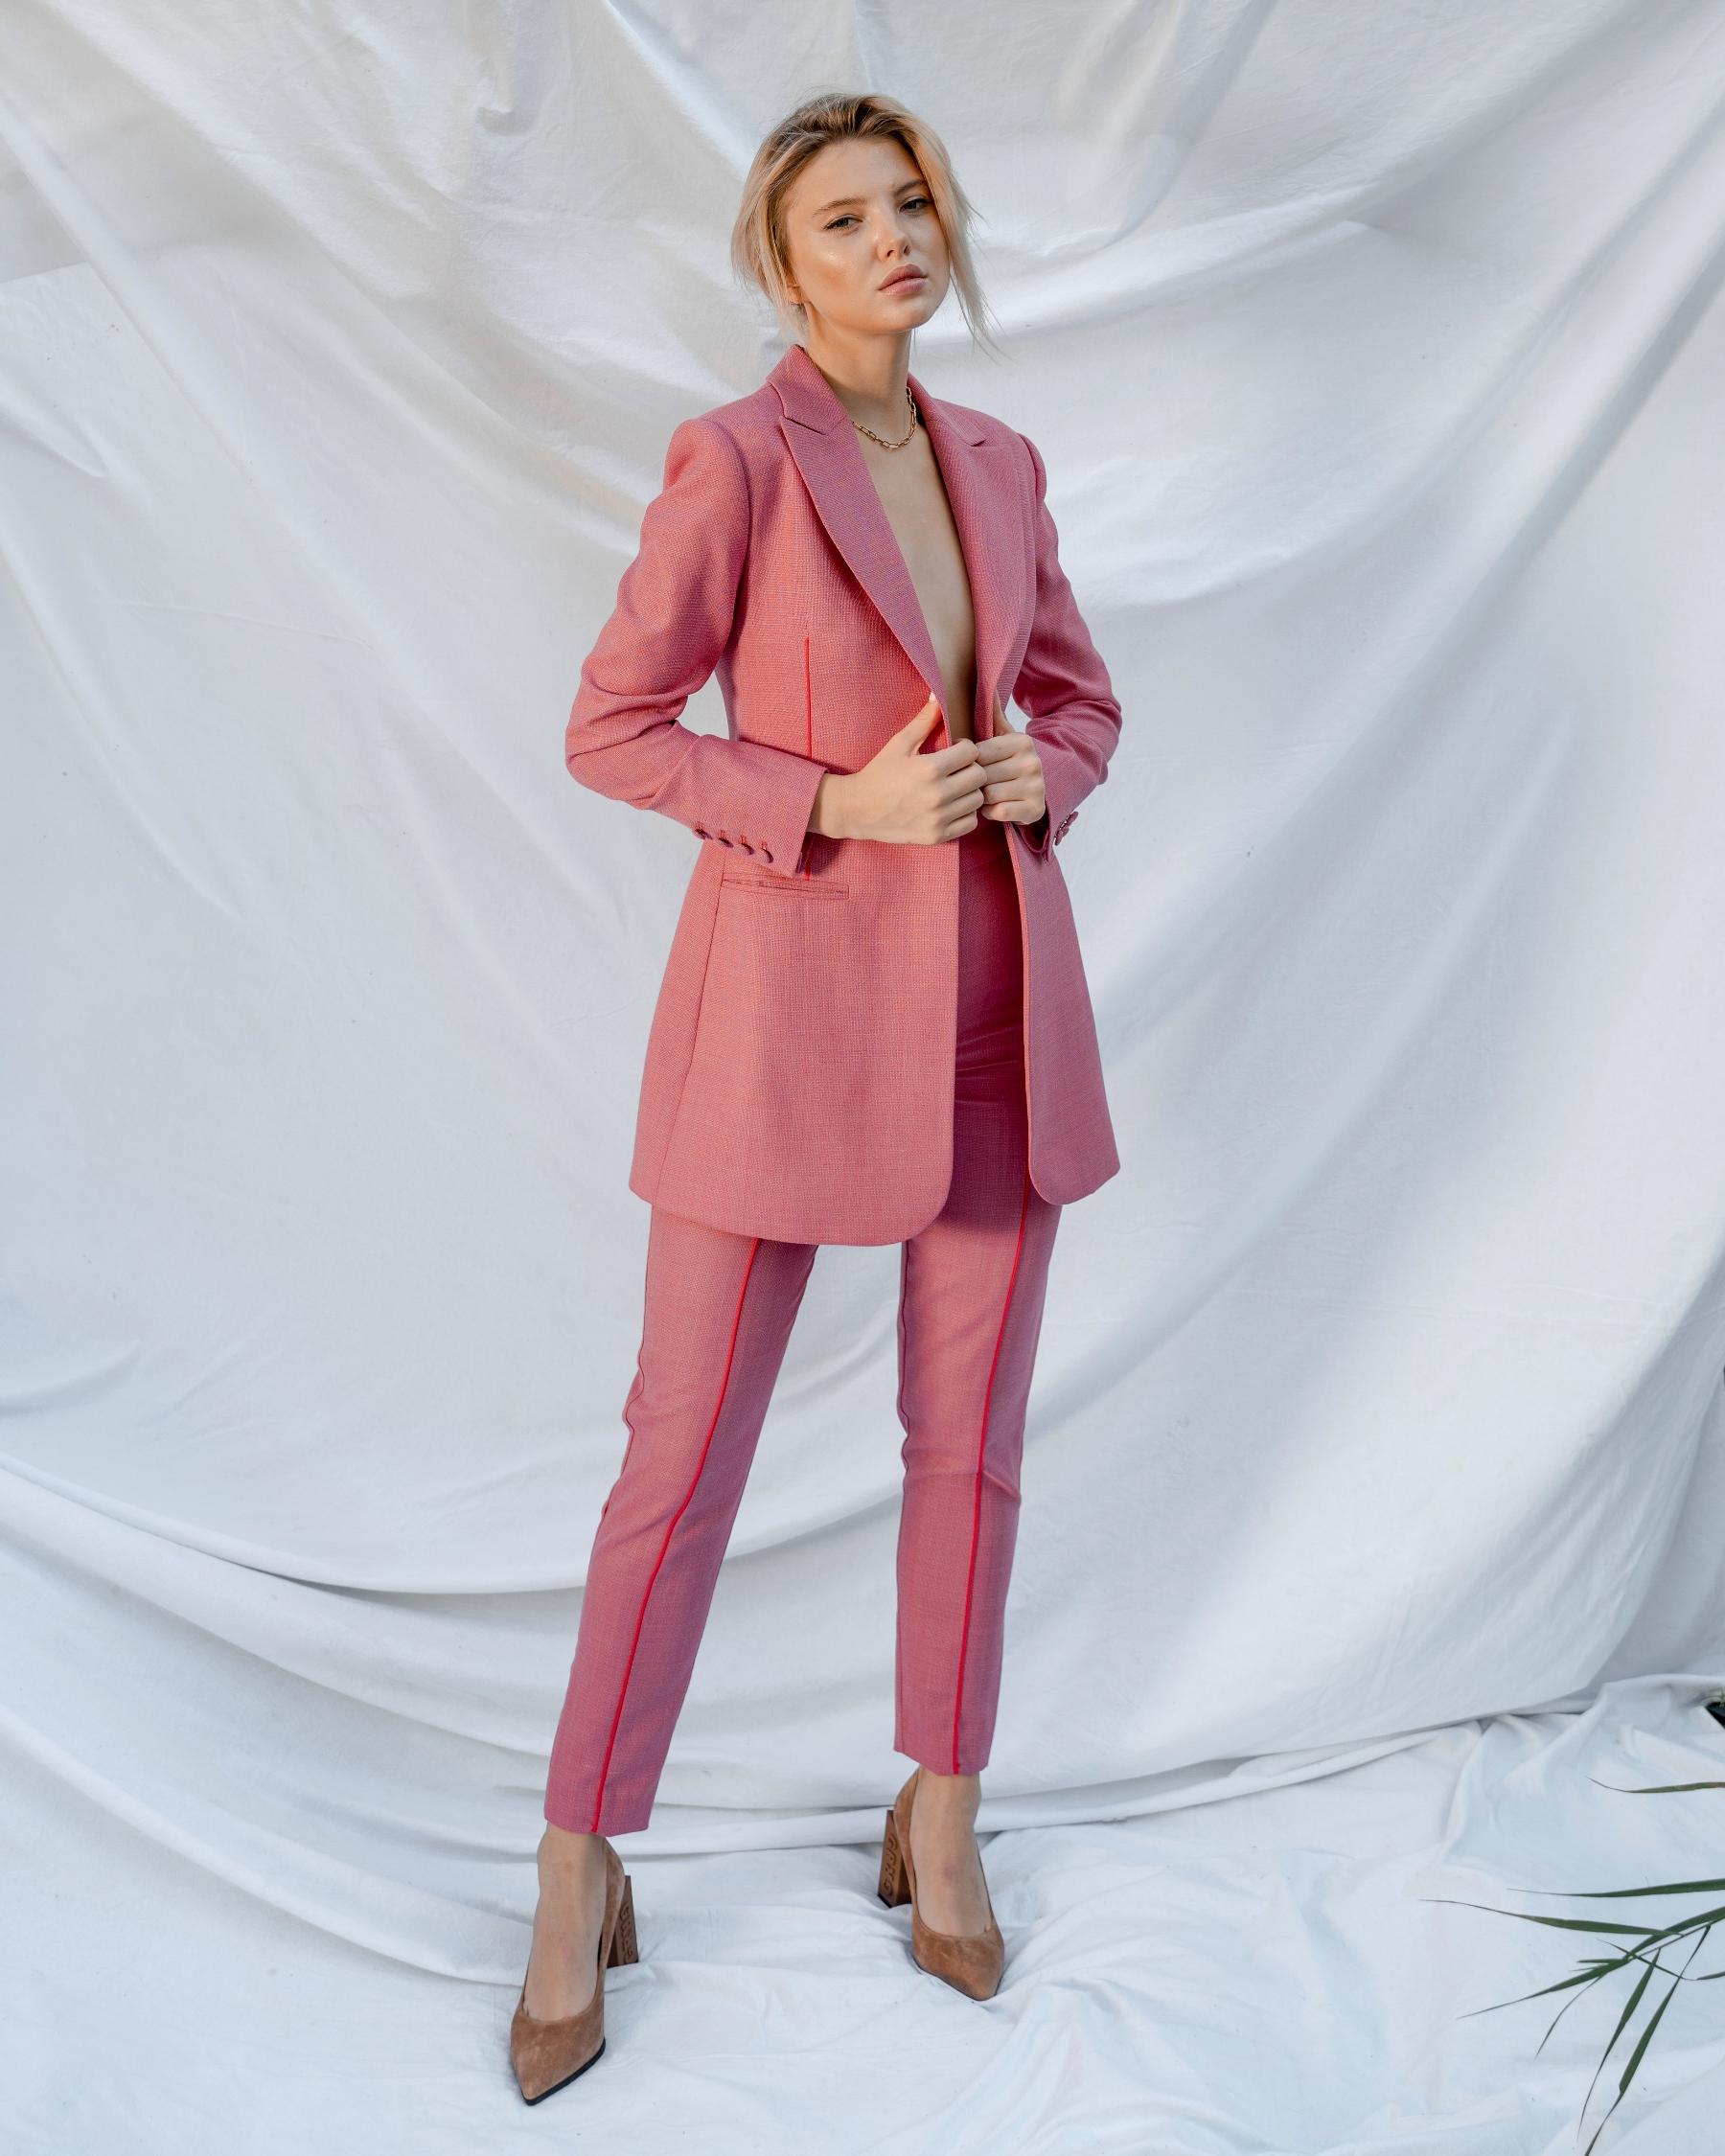 Розовый костюм из тонкой костюмной шерсти с длинным жакетом с красным кантом